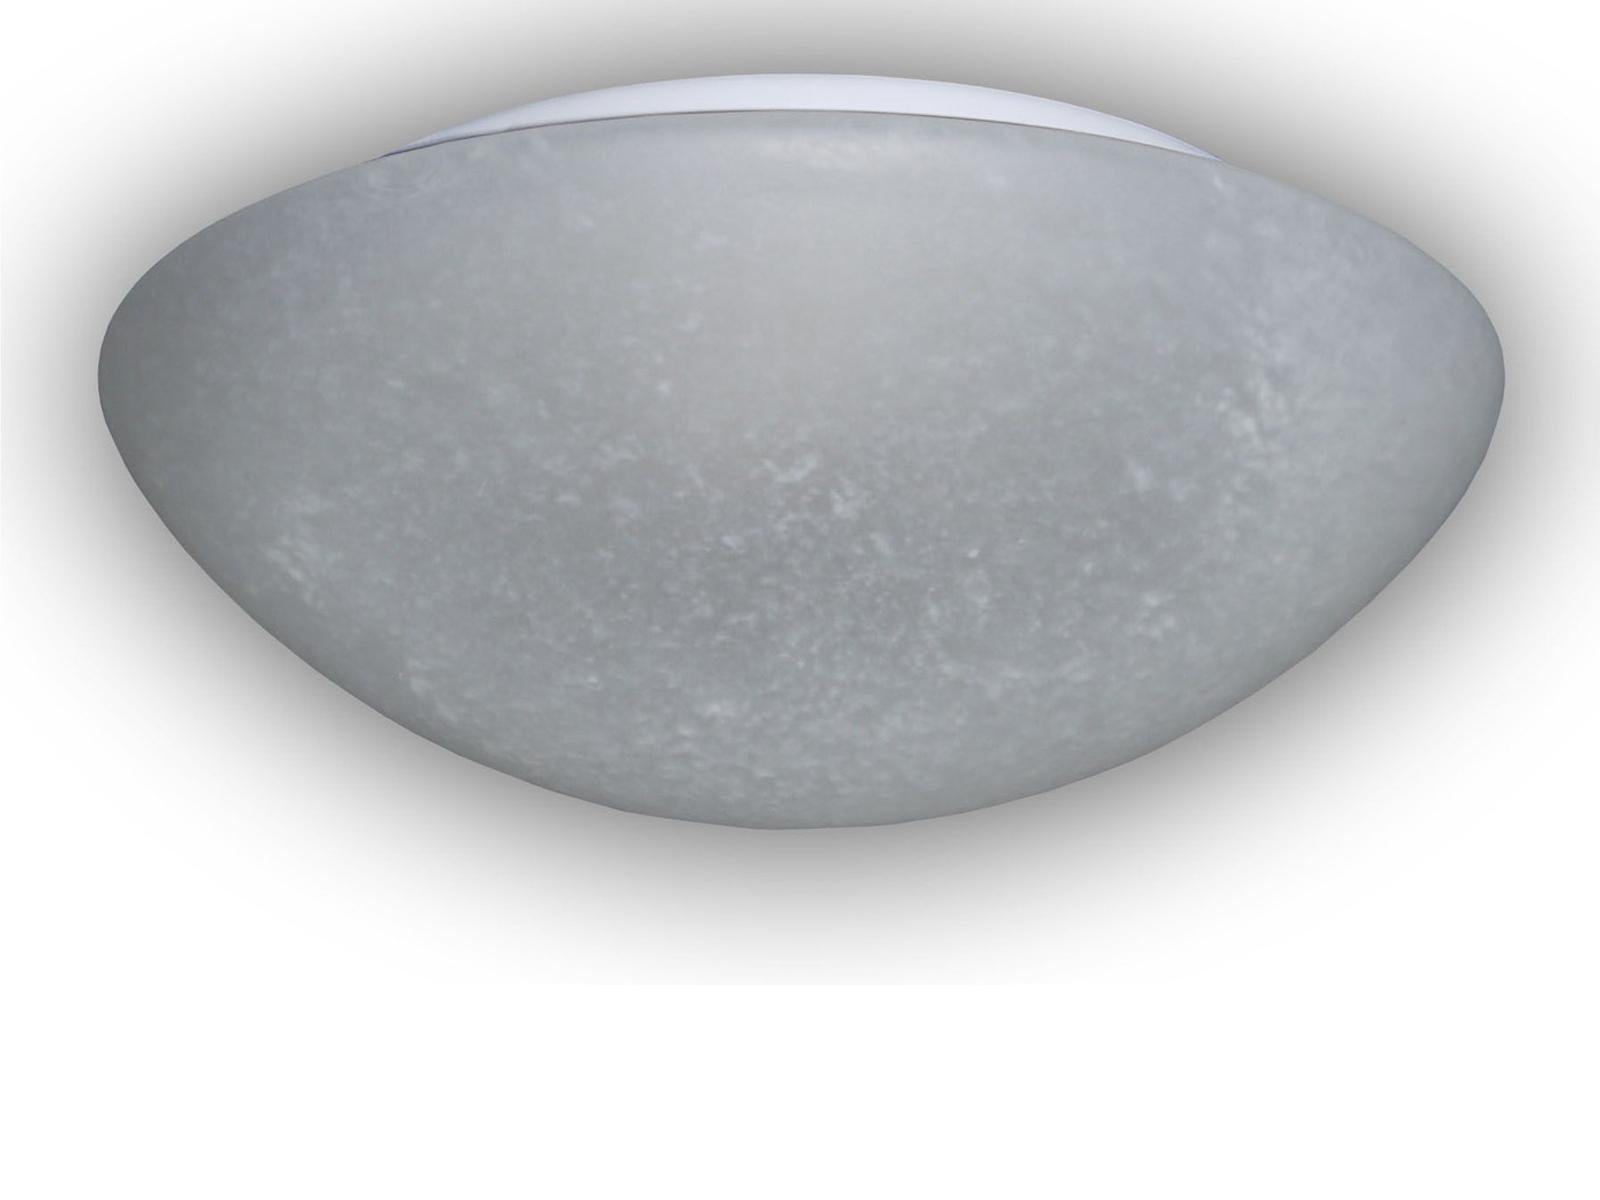 LED Decken Leuchte OPAL matt Deckenschale rund Ø 20cm LED Glasleuchte dimmbar